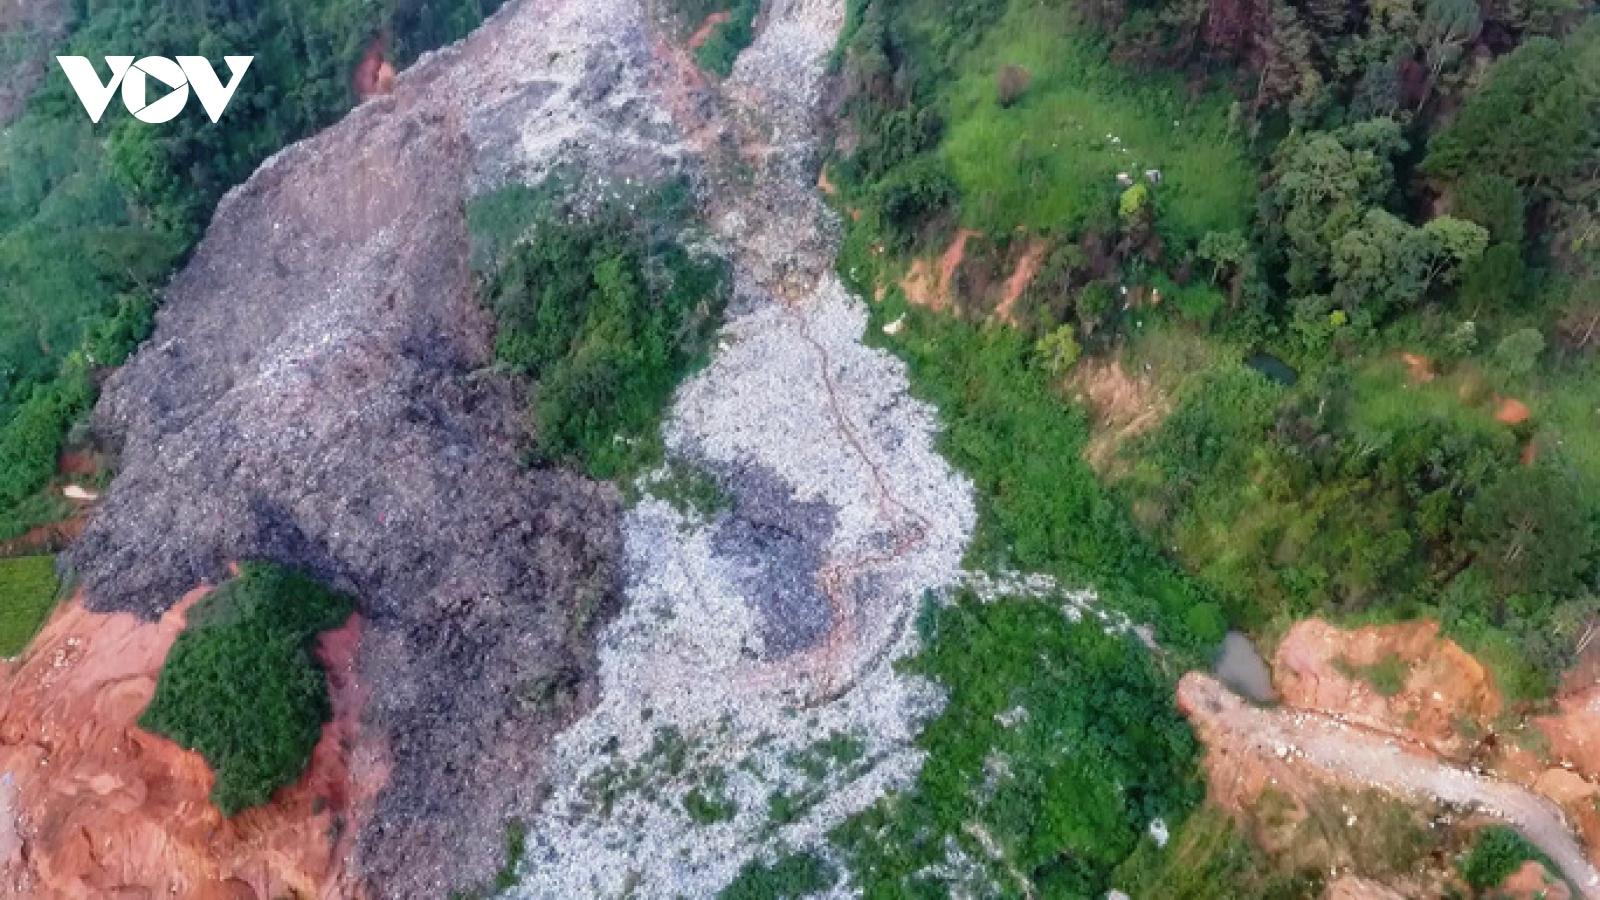 Nan giải việc xử lý rác thải sinh hoạt tại Đà Lạt